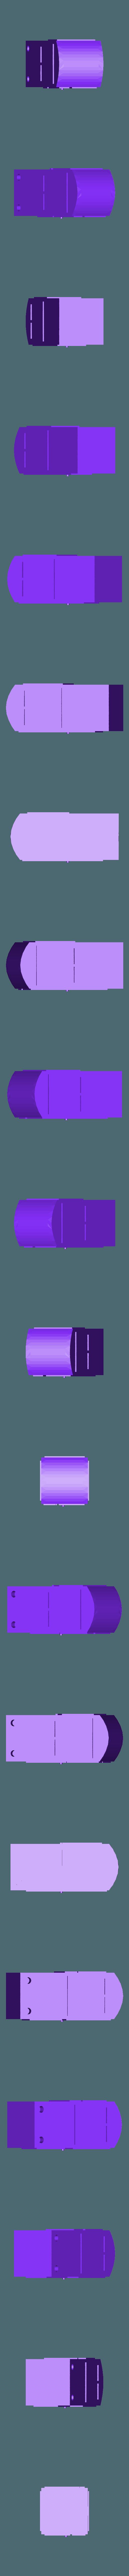 fence_CABIN.stl Télécharger fichier STL gratuit Dépôt de train à l'échelle 1:87 HO avec table tournante • Plan pour imprimante 3D, nenchev